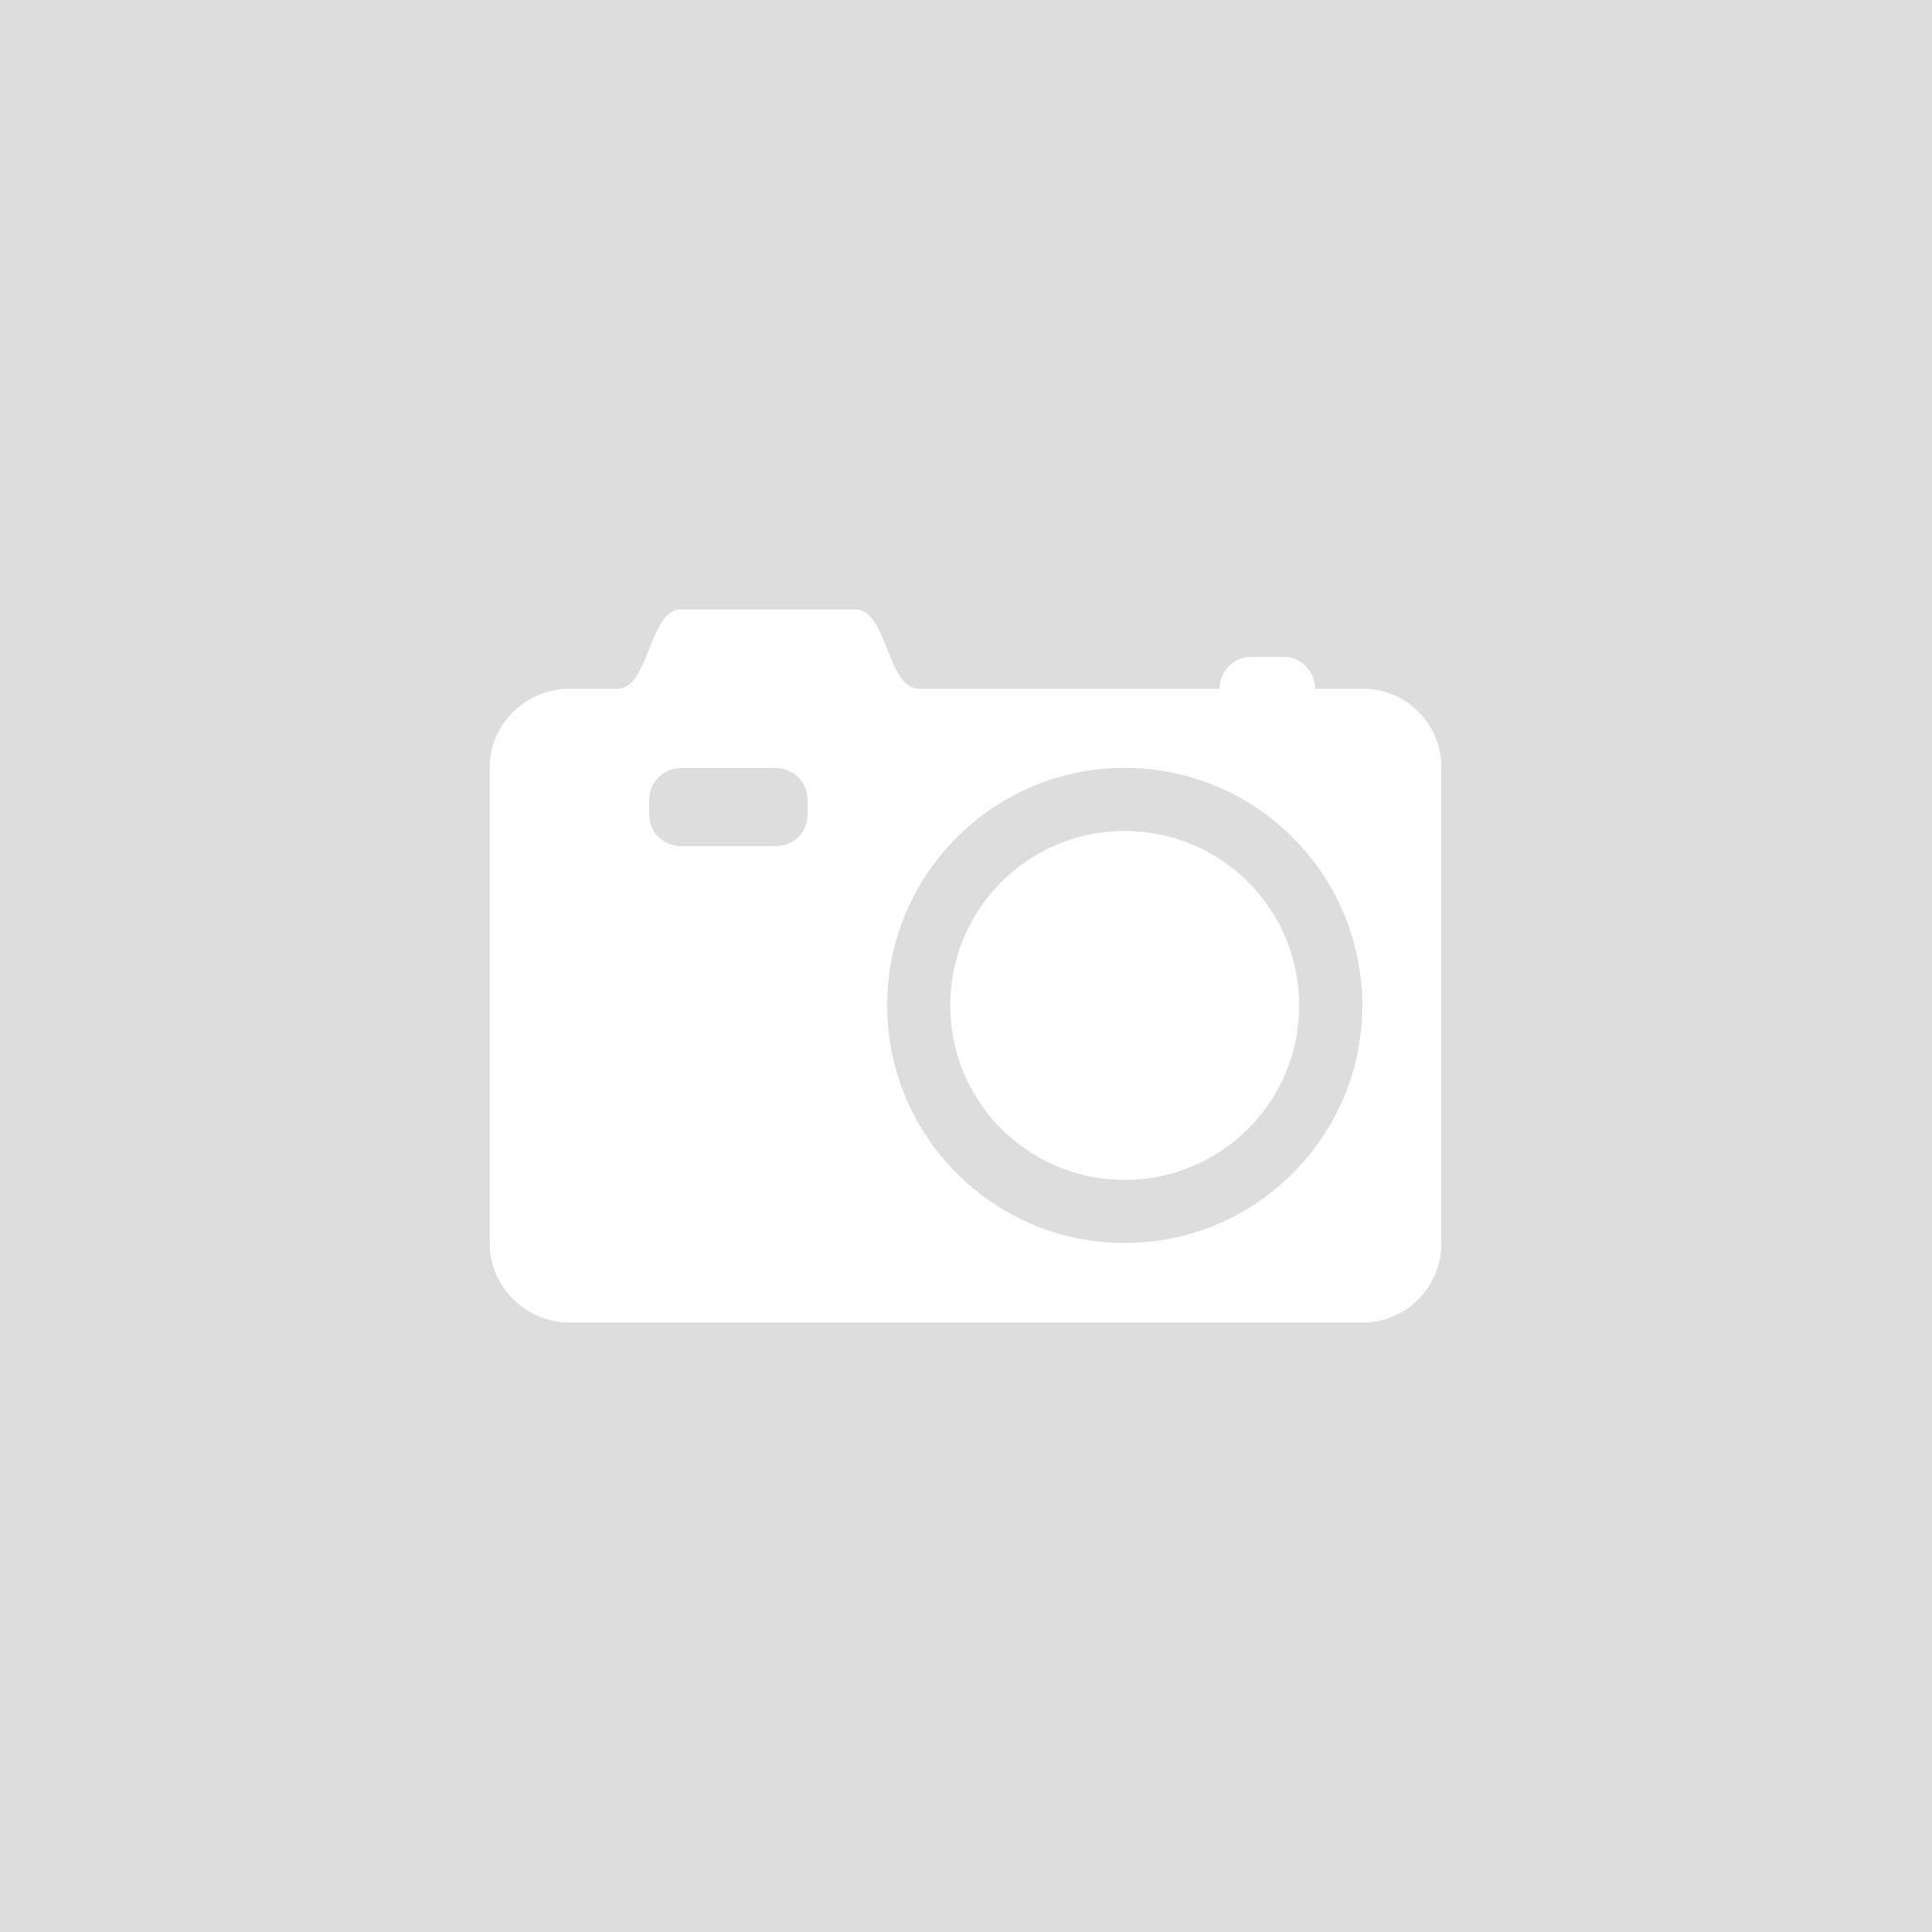 Azalea Teal Wallpaper by Crown M0461